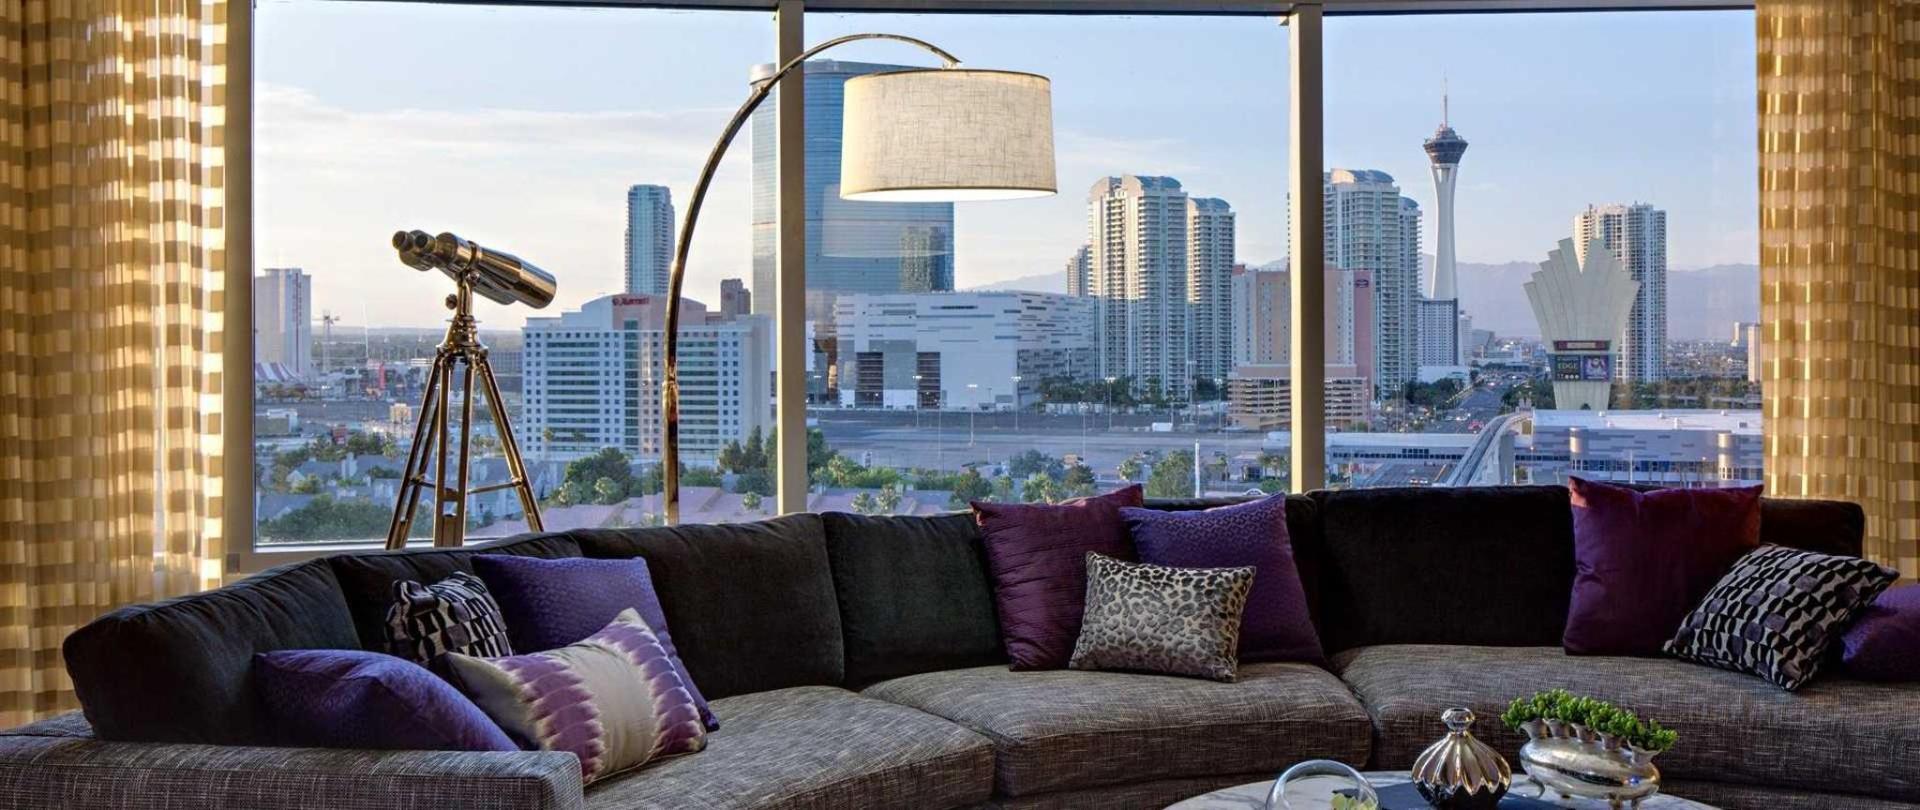 Renaissance Las Vegas Hotel & ENVY Steakhouse – Renaissance Las ...